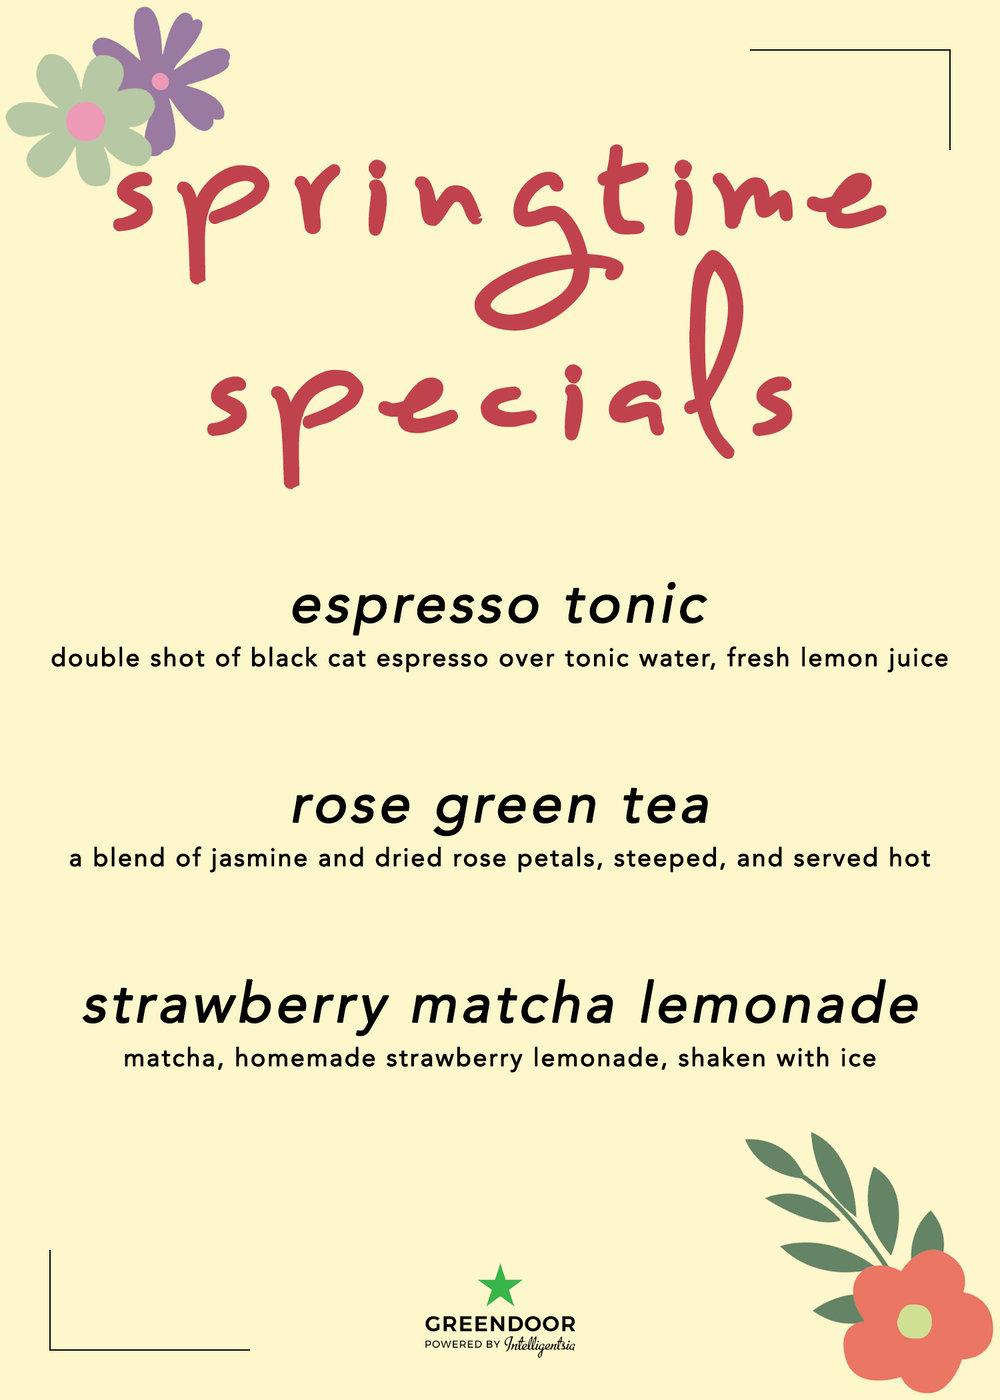 springtime_specials_NP.jpg